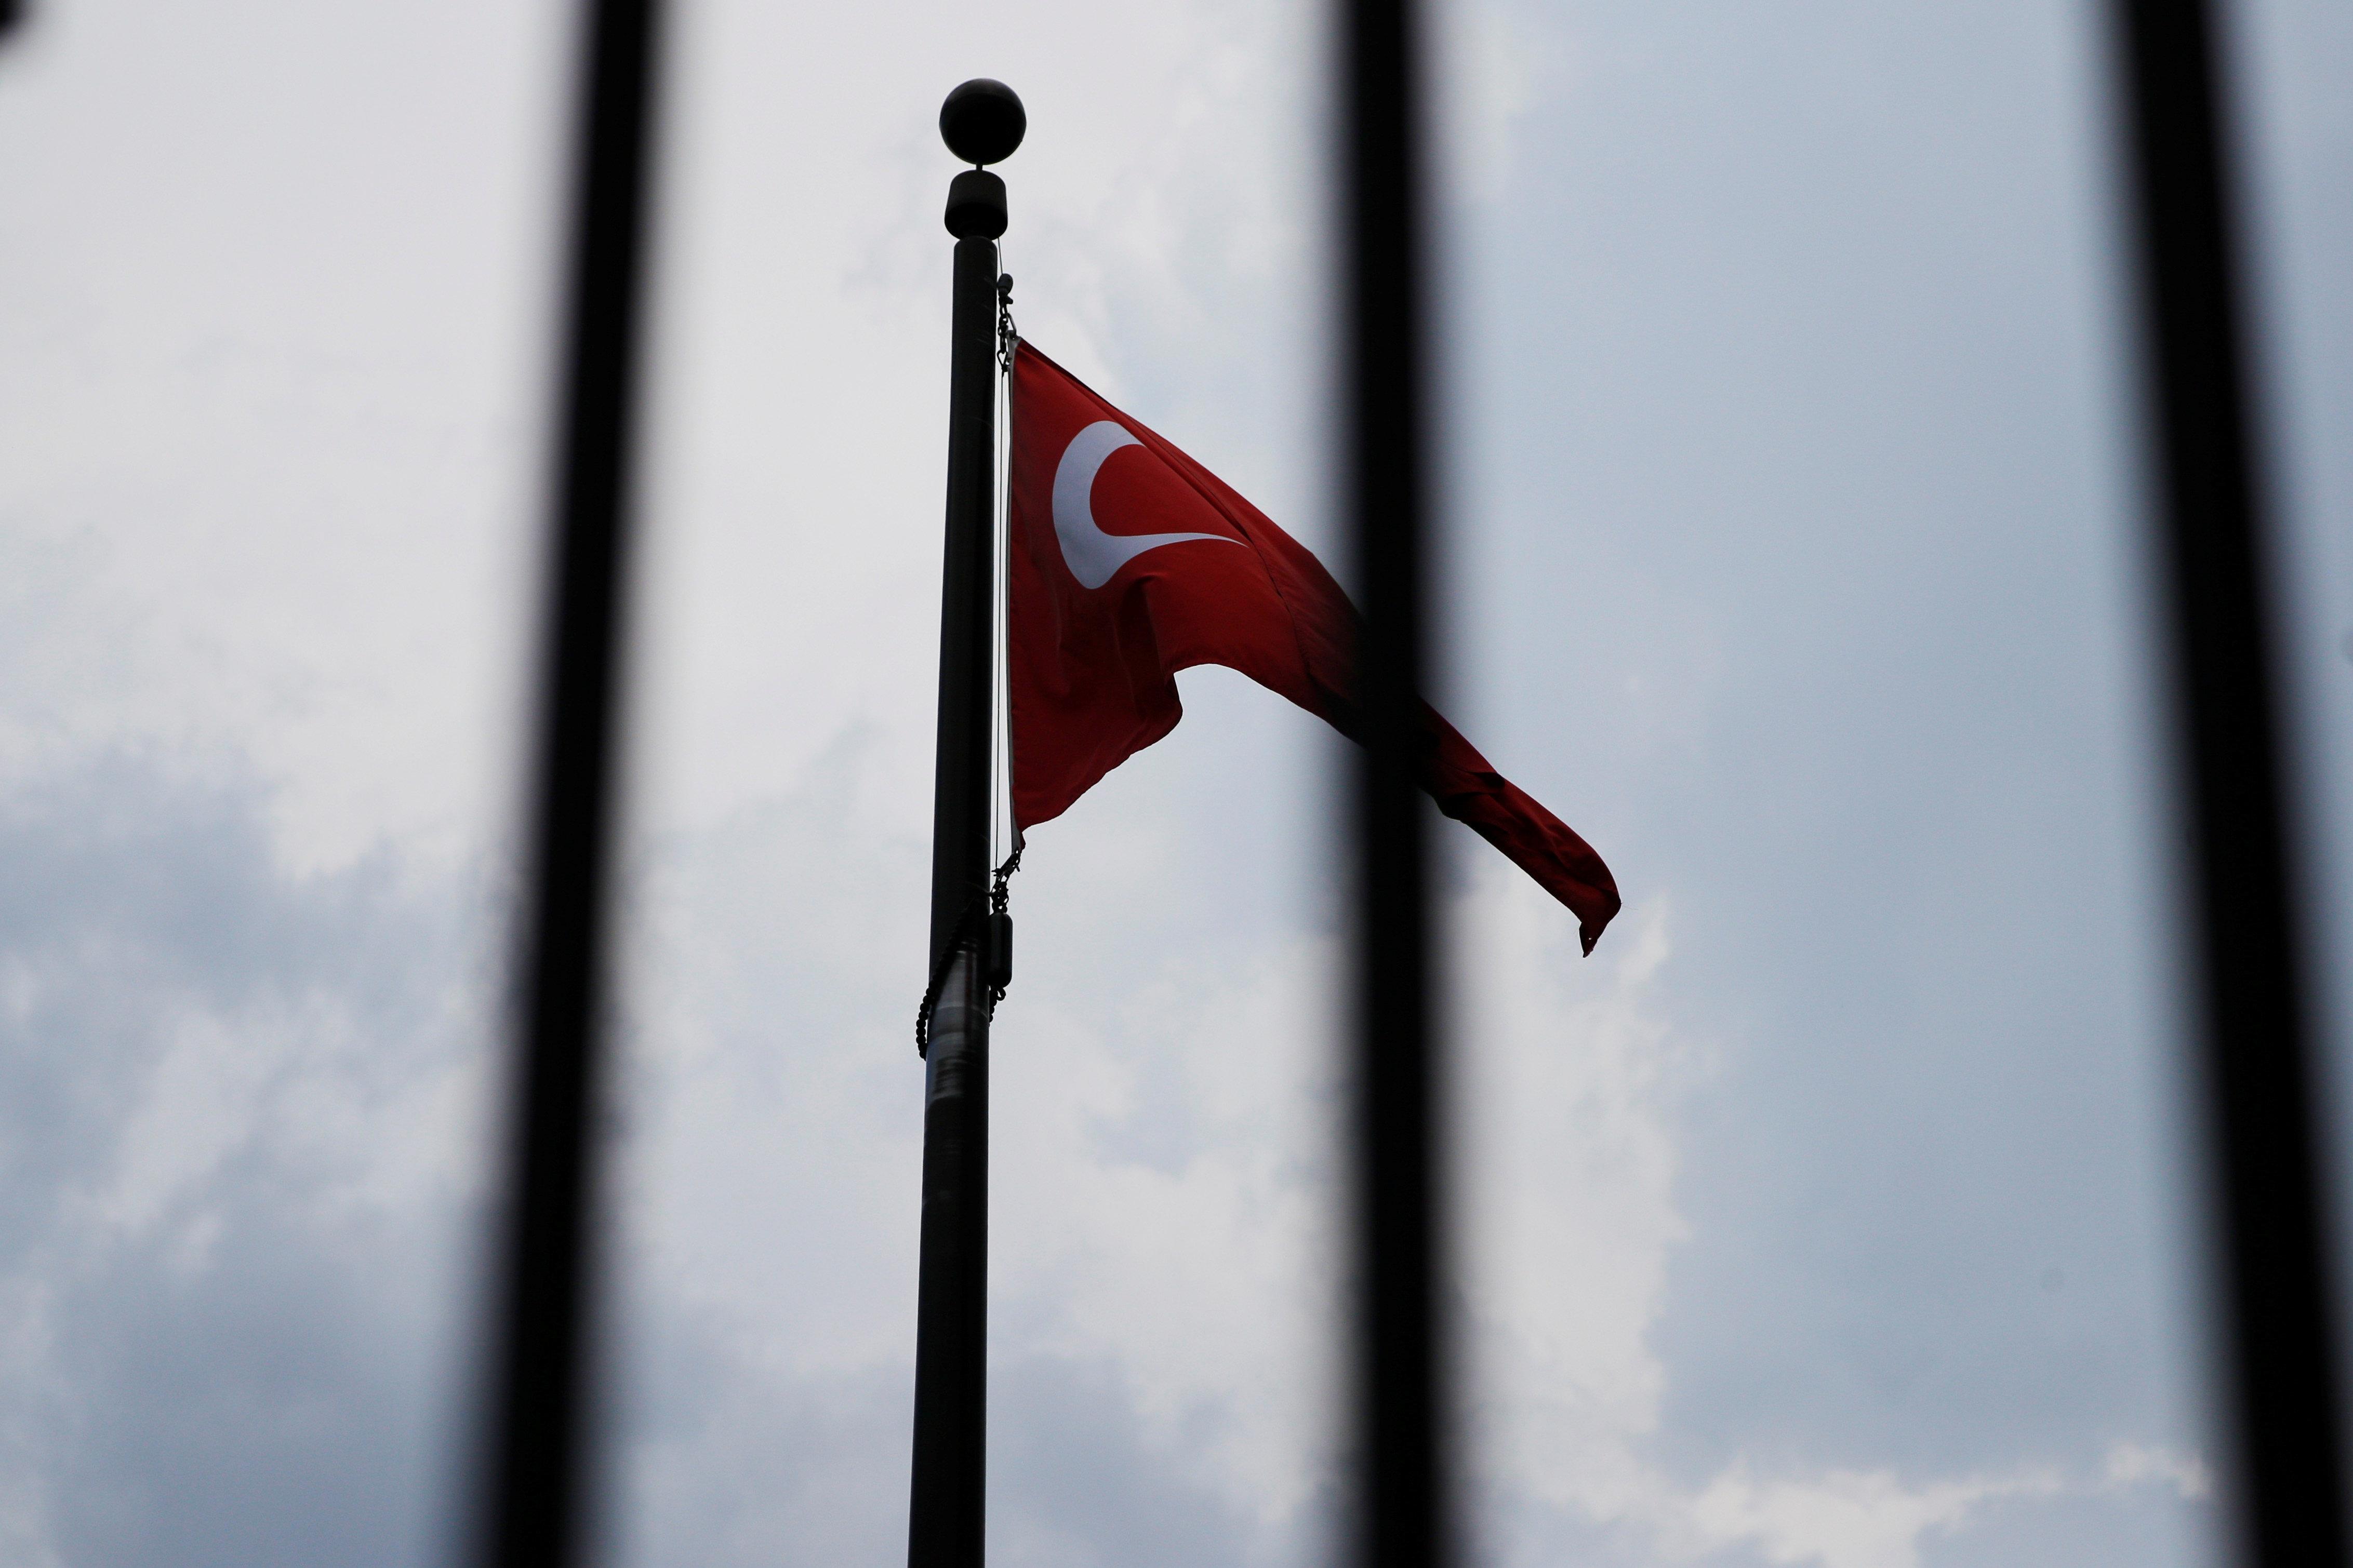 Αμερικανό-Τουρκικός οικονομικός πόλεμος, φόβοι και ευκαιρίες